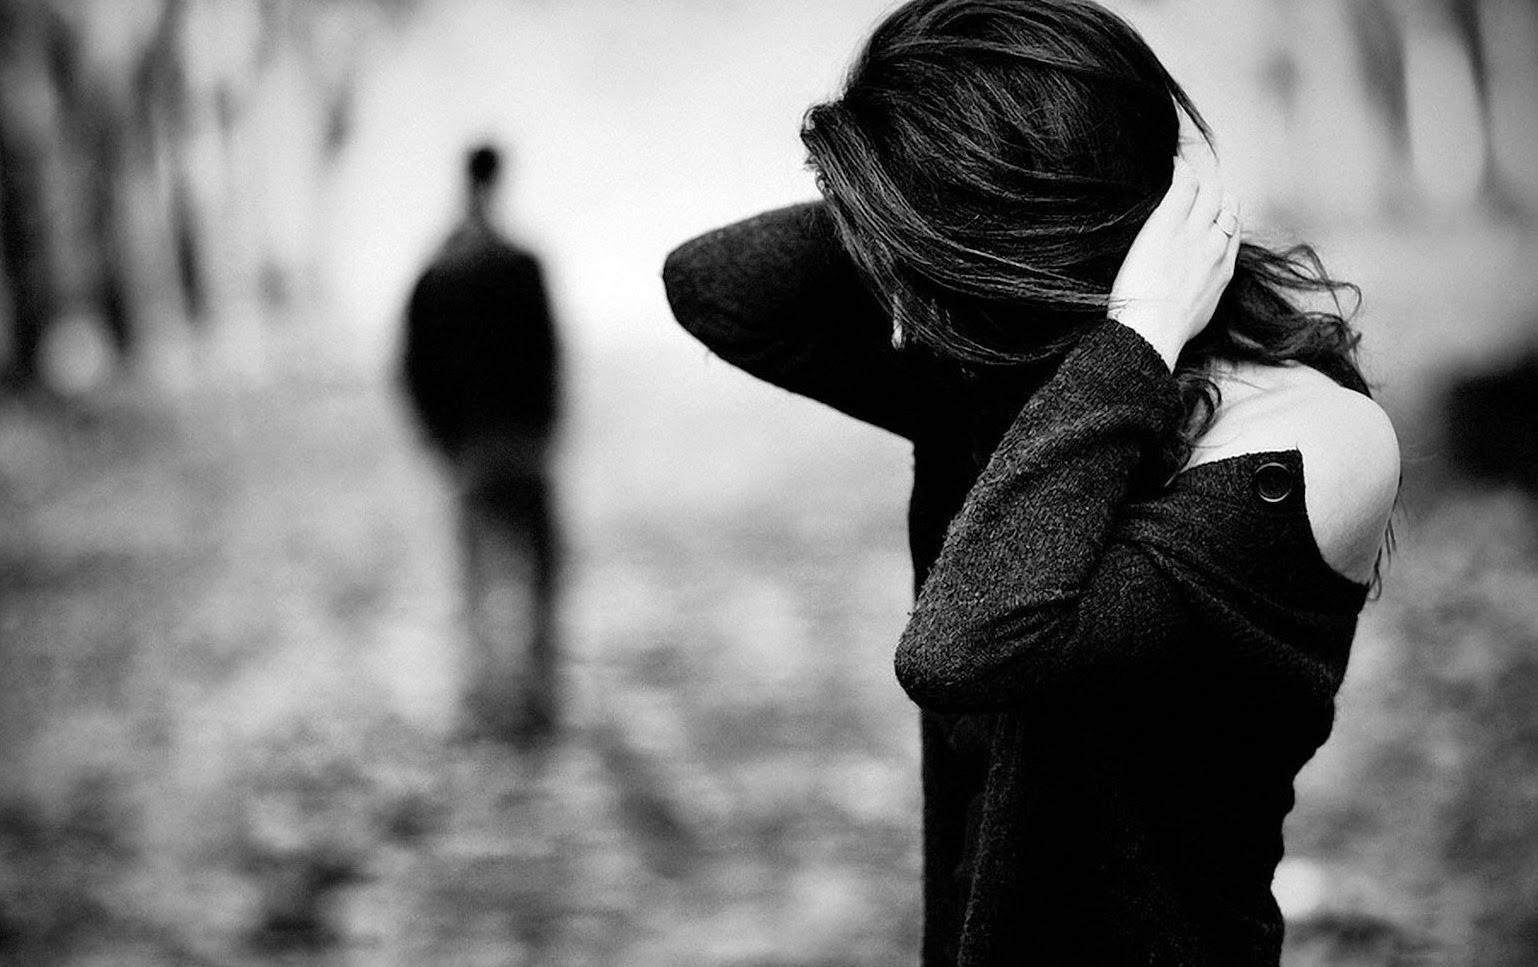 Học cách từ bỏ người mình yêu không quá khó nếu biết những điều này - Ảnh 2